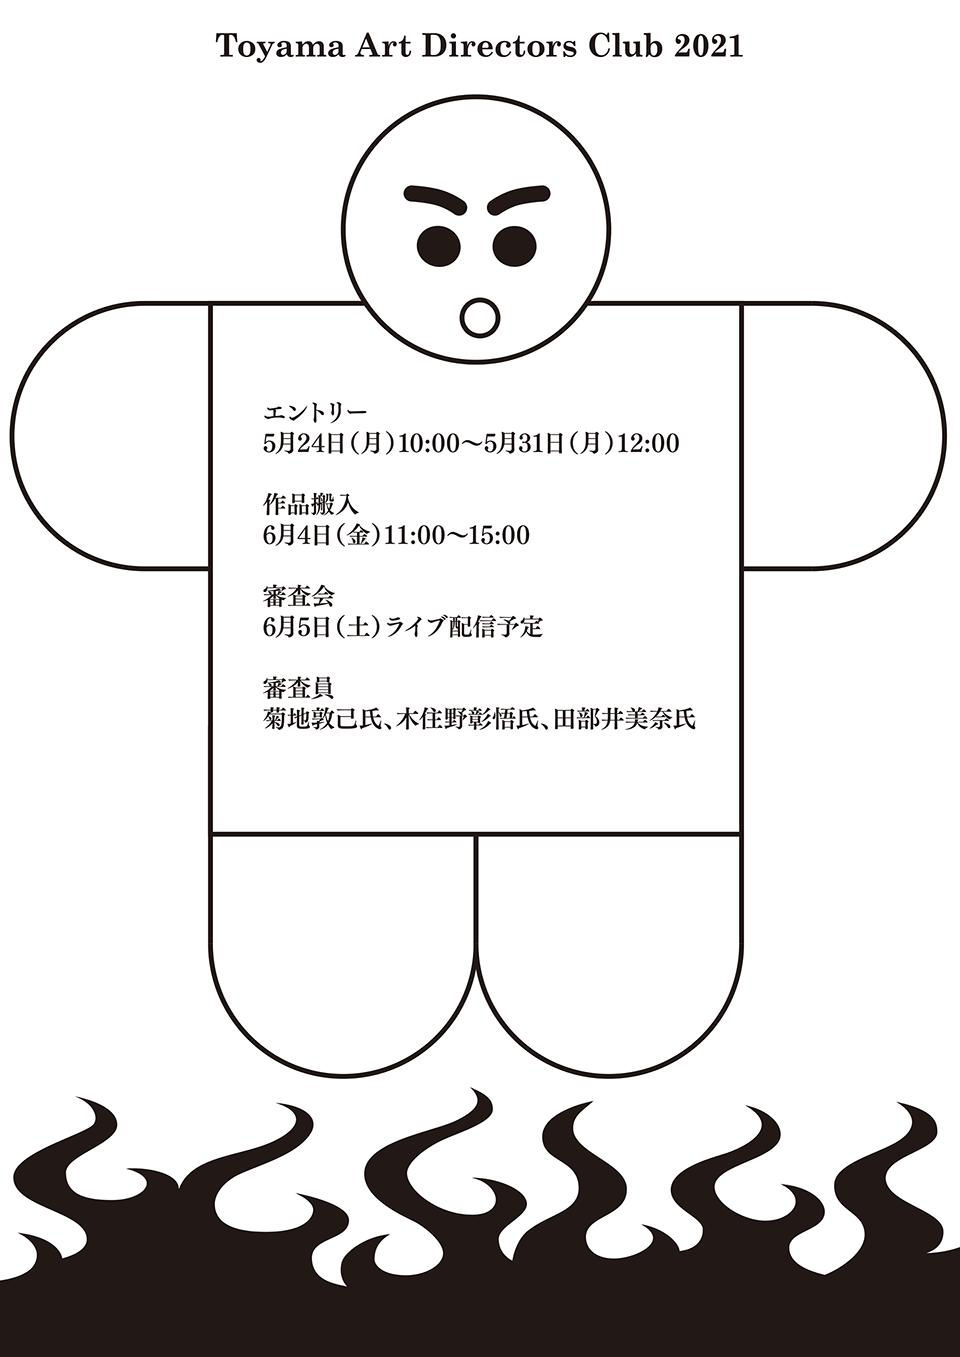 富山アートディレクターズクラブ